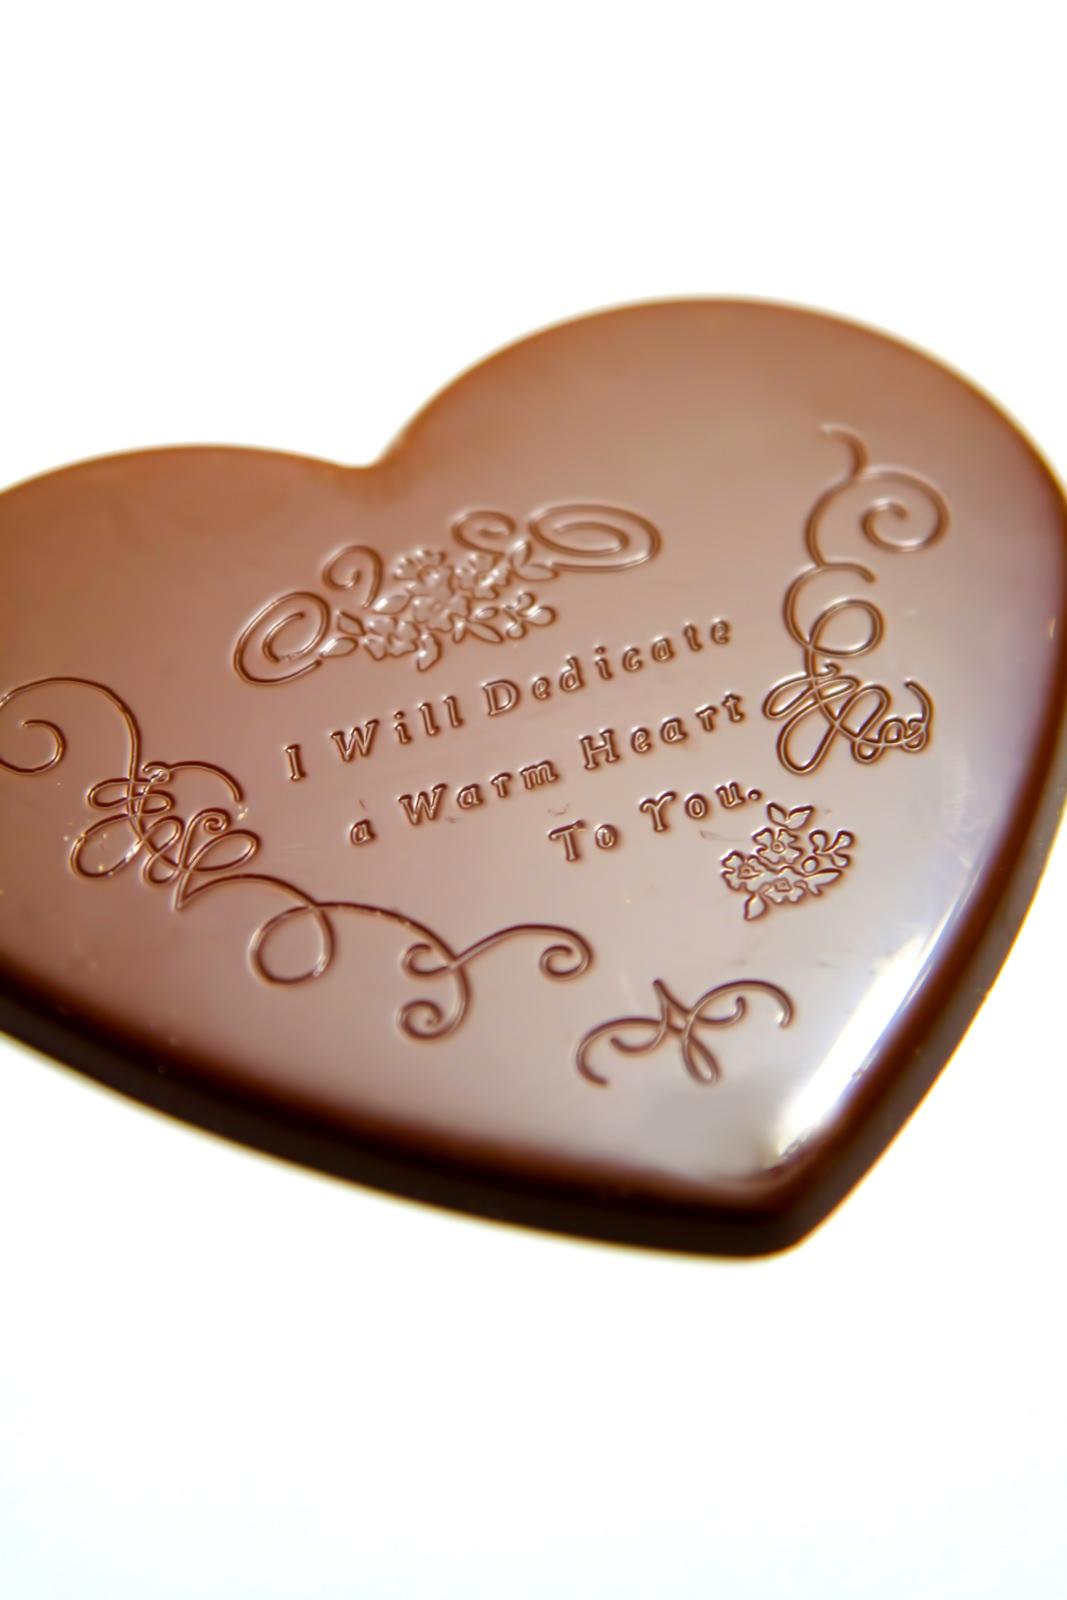 バレンタイン用ハートのチョコレートバレンタイン用ハートのチョコレート